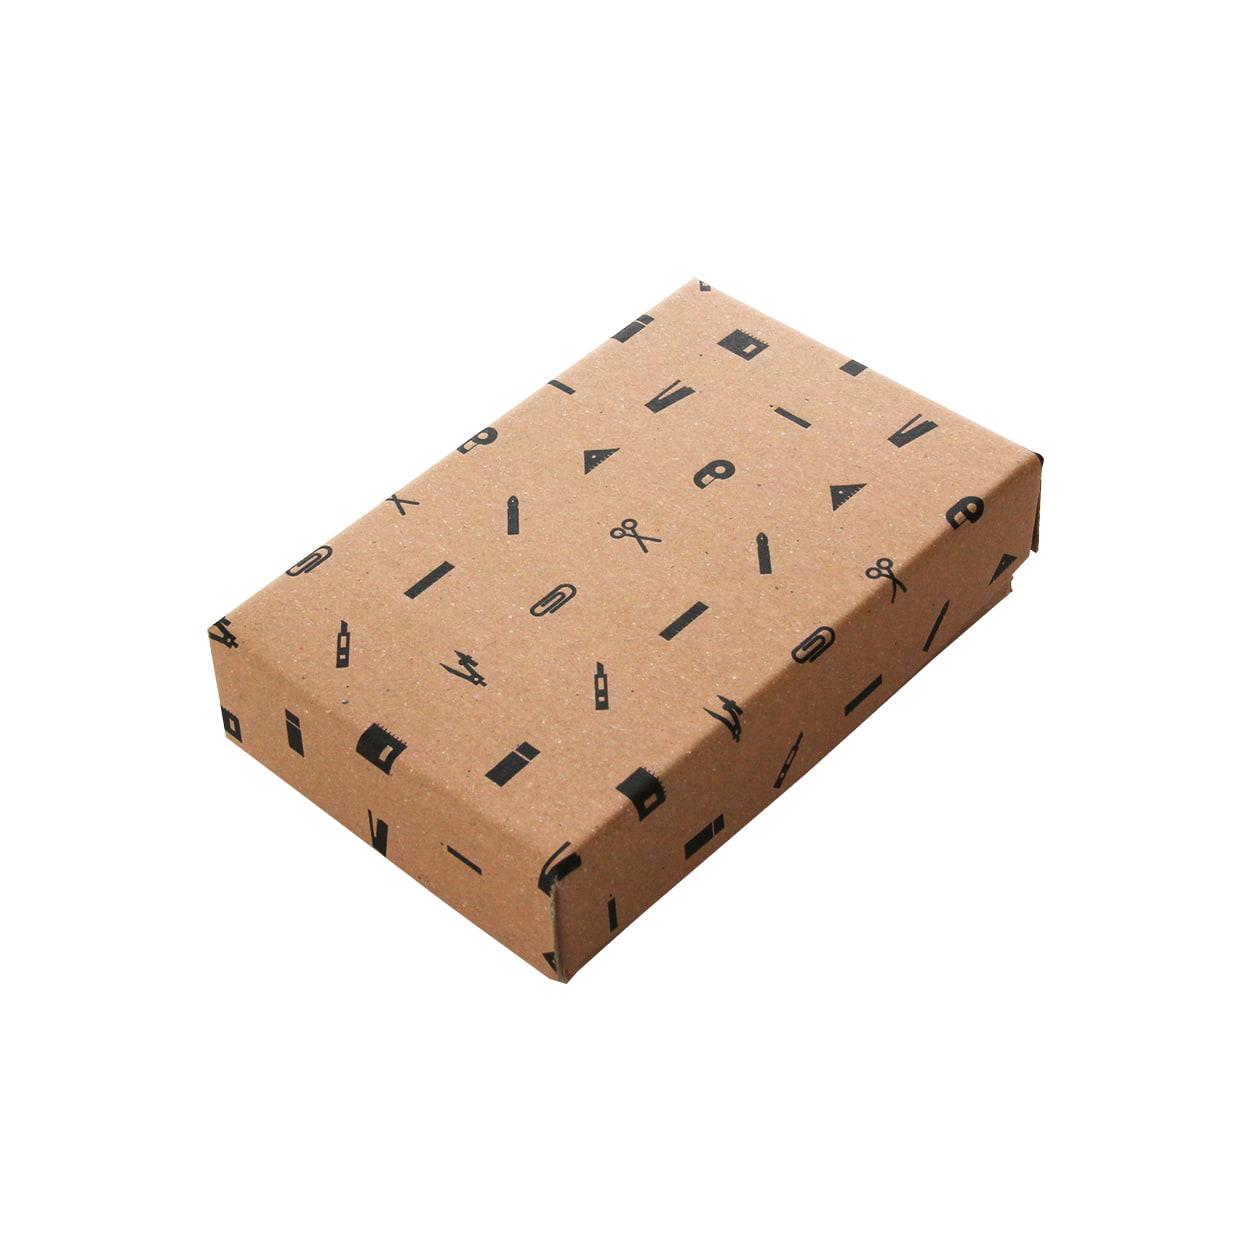 サンプル 箱(糊どめ) 00035